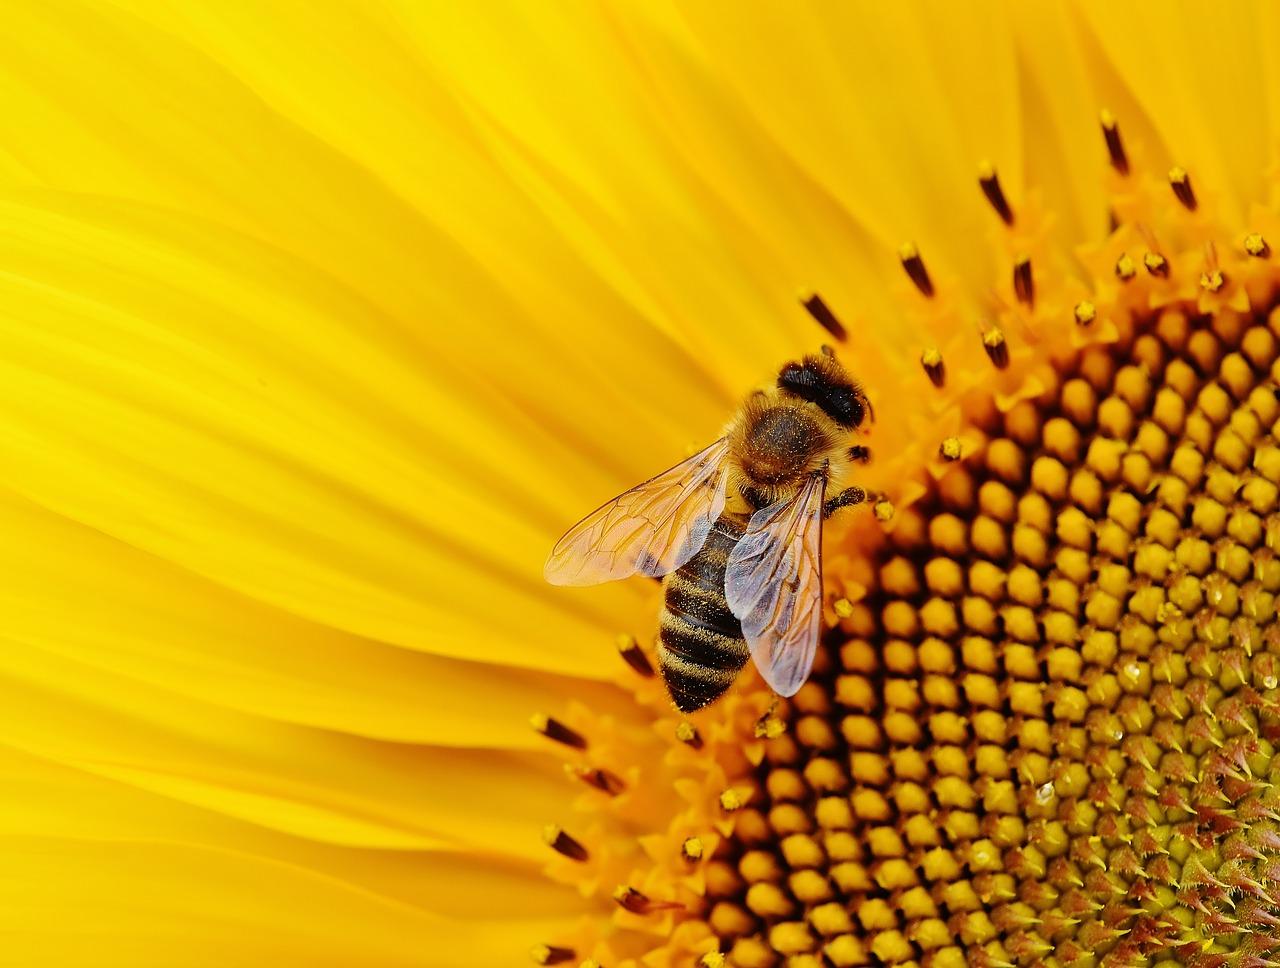 A természet egyik csodája: a méhek tánca